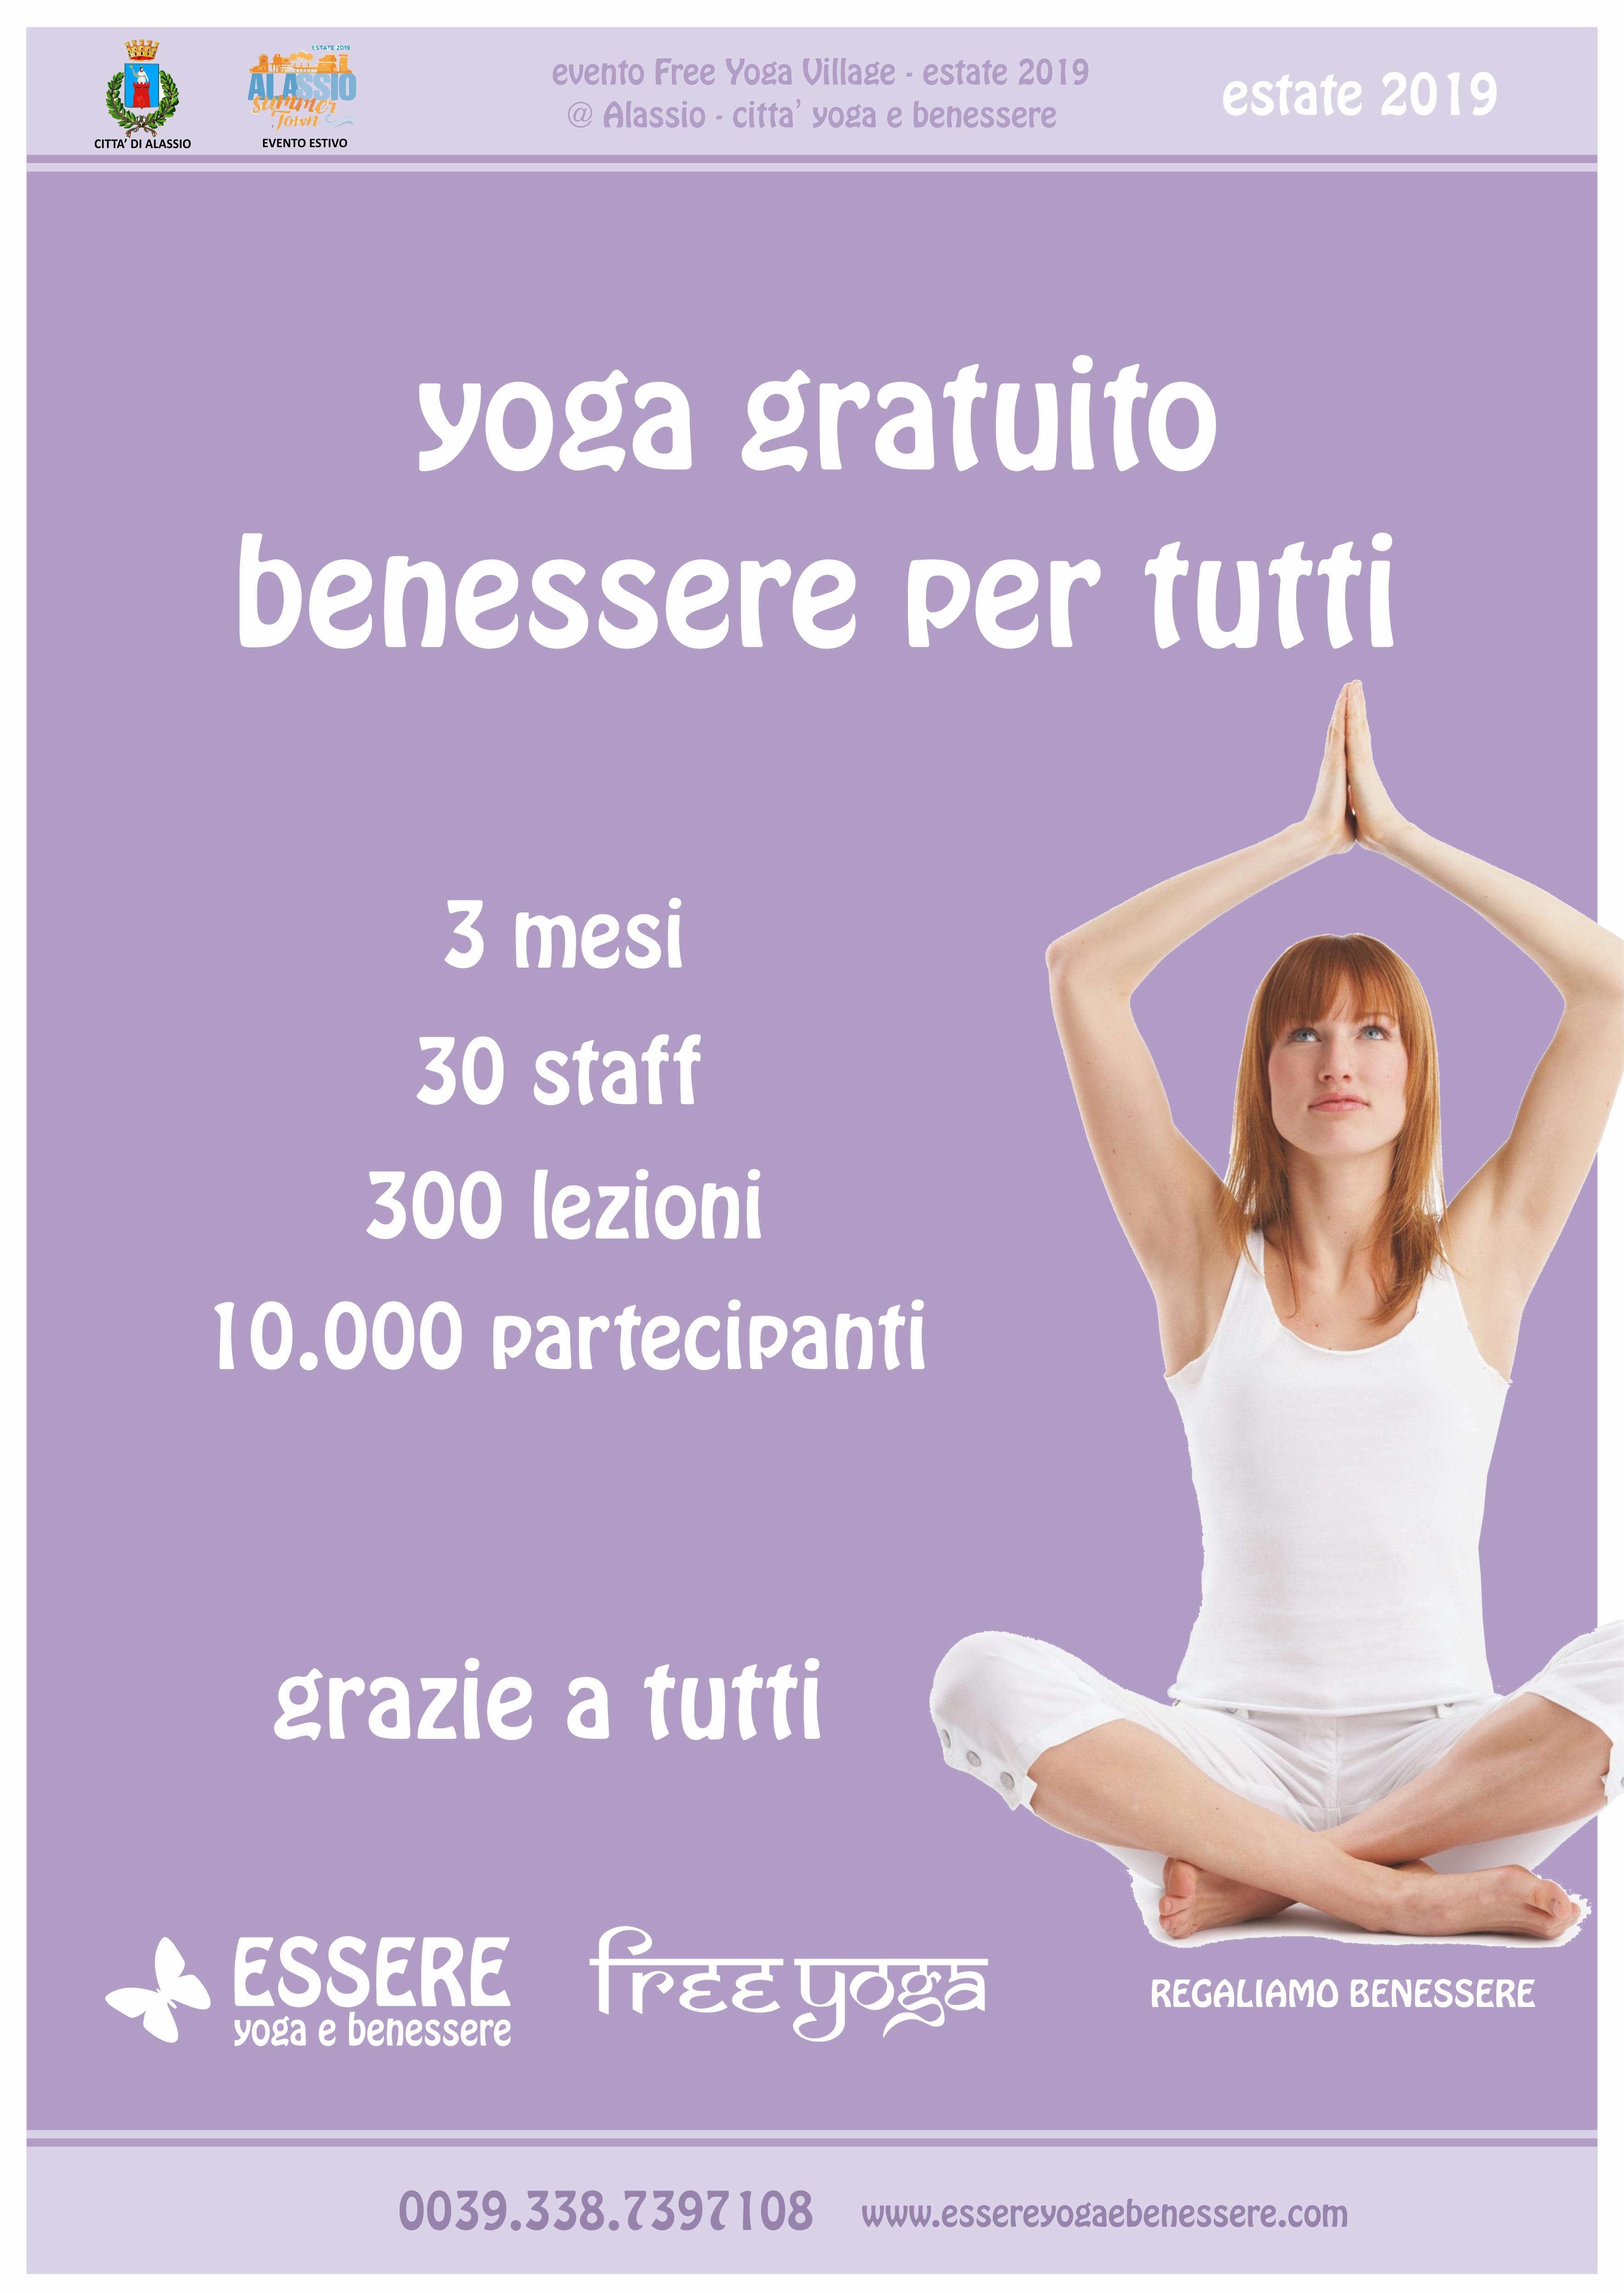 FYV-grazie-2019-numeri-essere-free-yoga-gratuito-benessere-per-tutti-village-citta-alassio-estate-lucia-ragazzi-summer-town-wellness